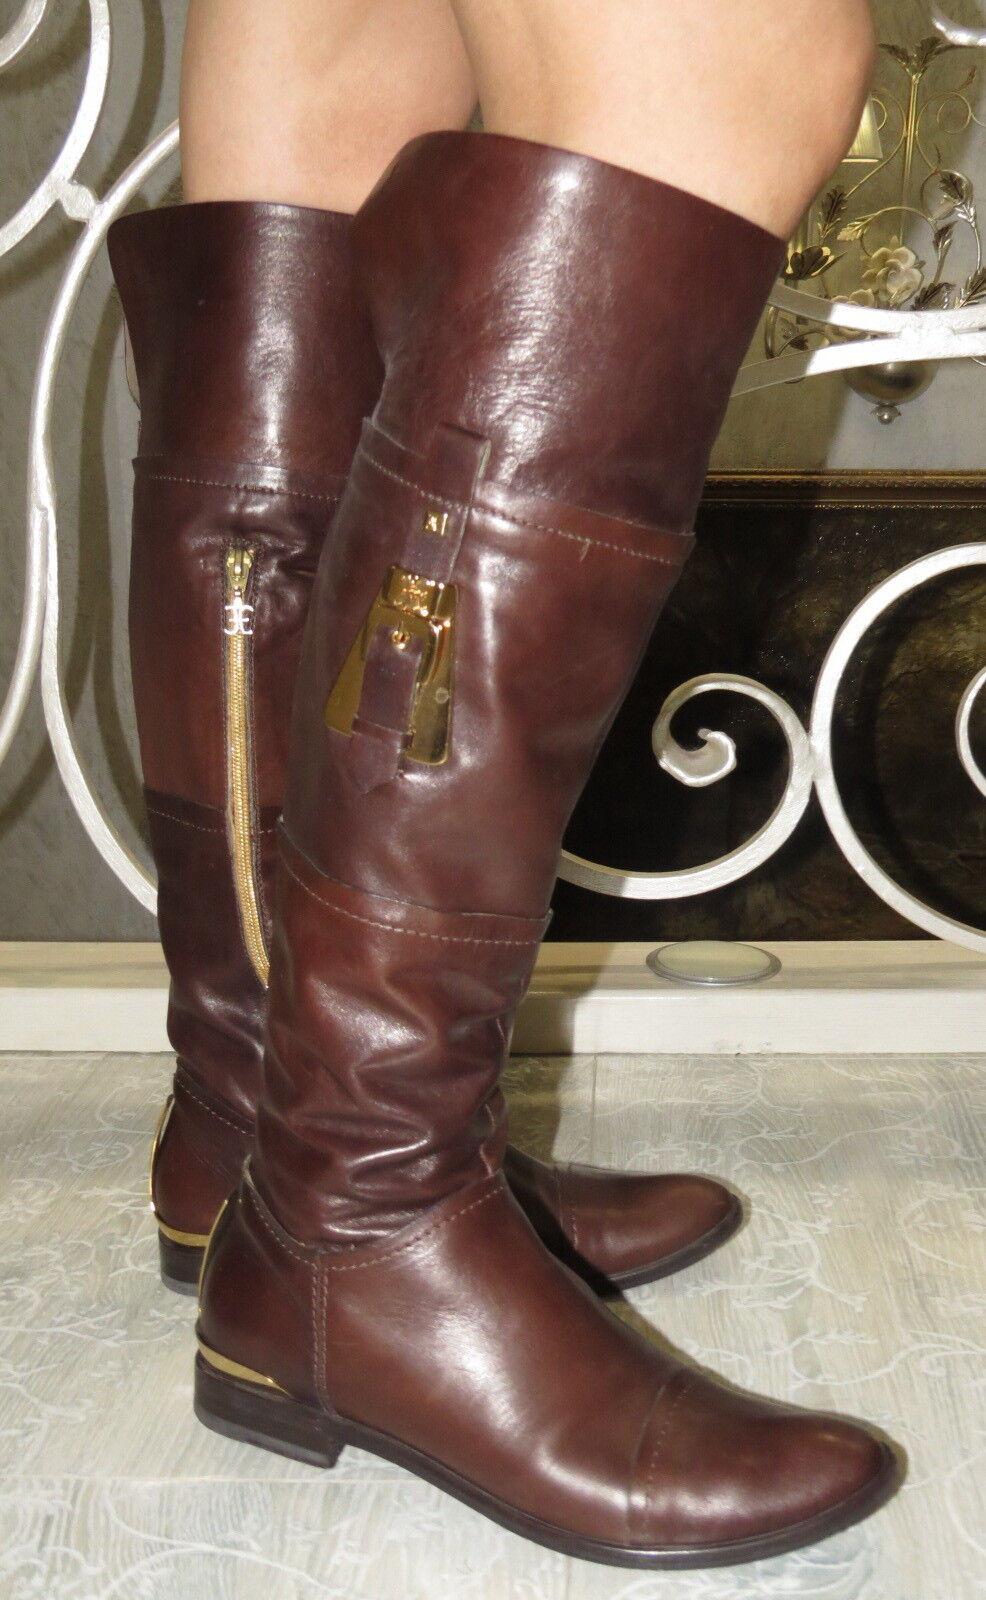 FABI Marronee LEATHER  High stivali Dimensione 37 7.5 Made in ITALIA  miglior prezzo migliore